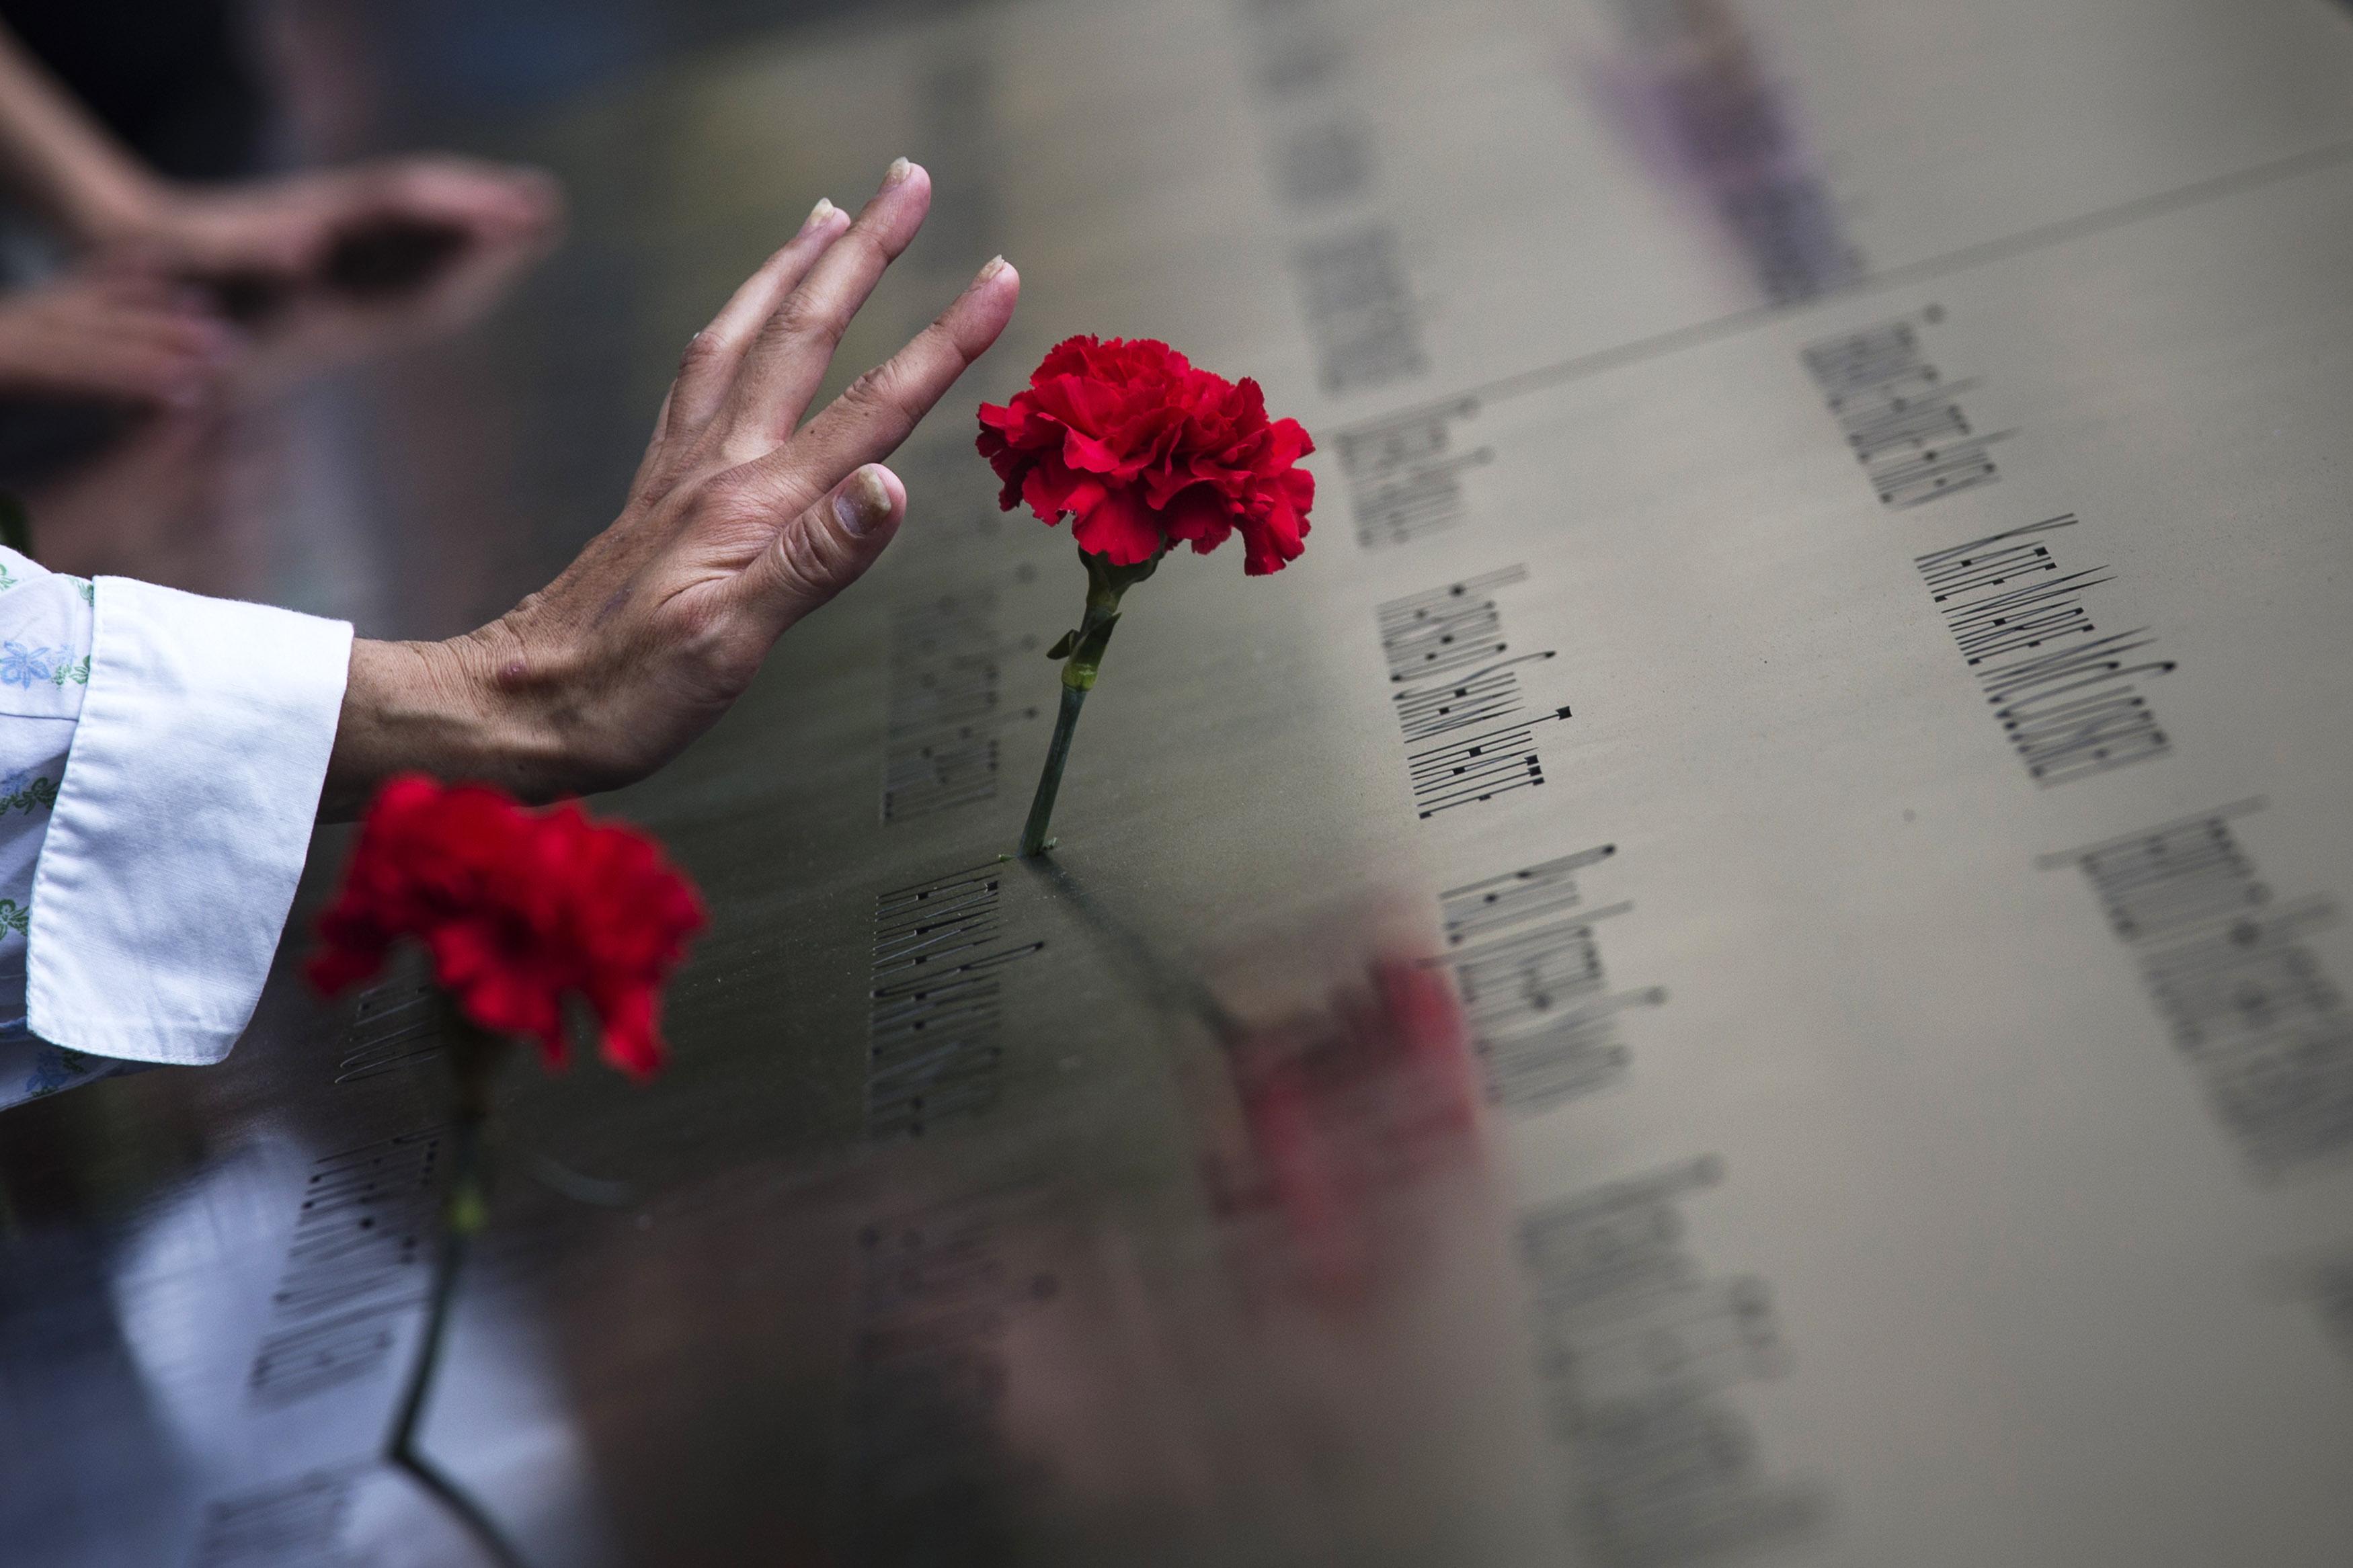 大瘟疫流行 911罹難者十九周年紀念日與以往不同